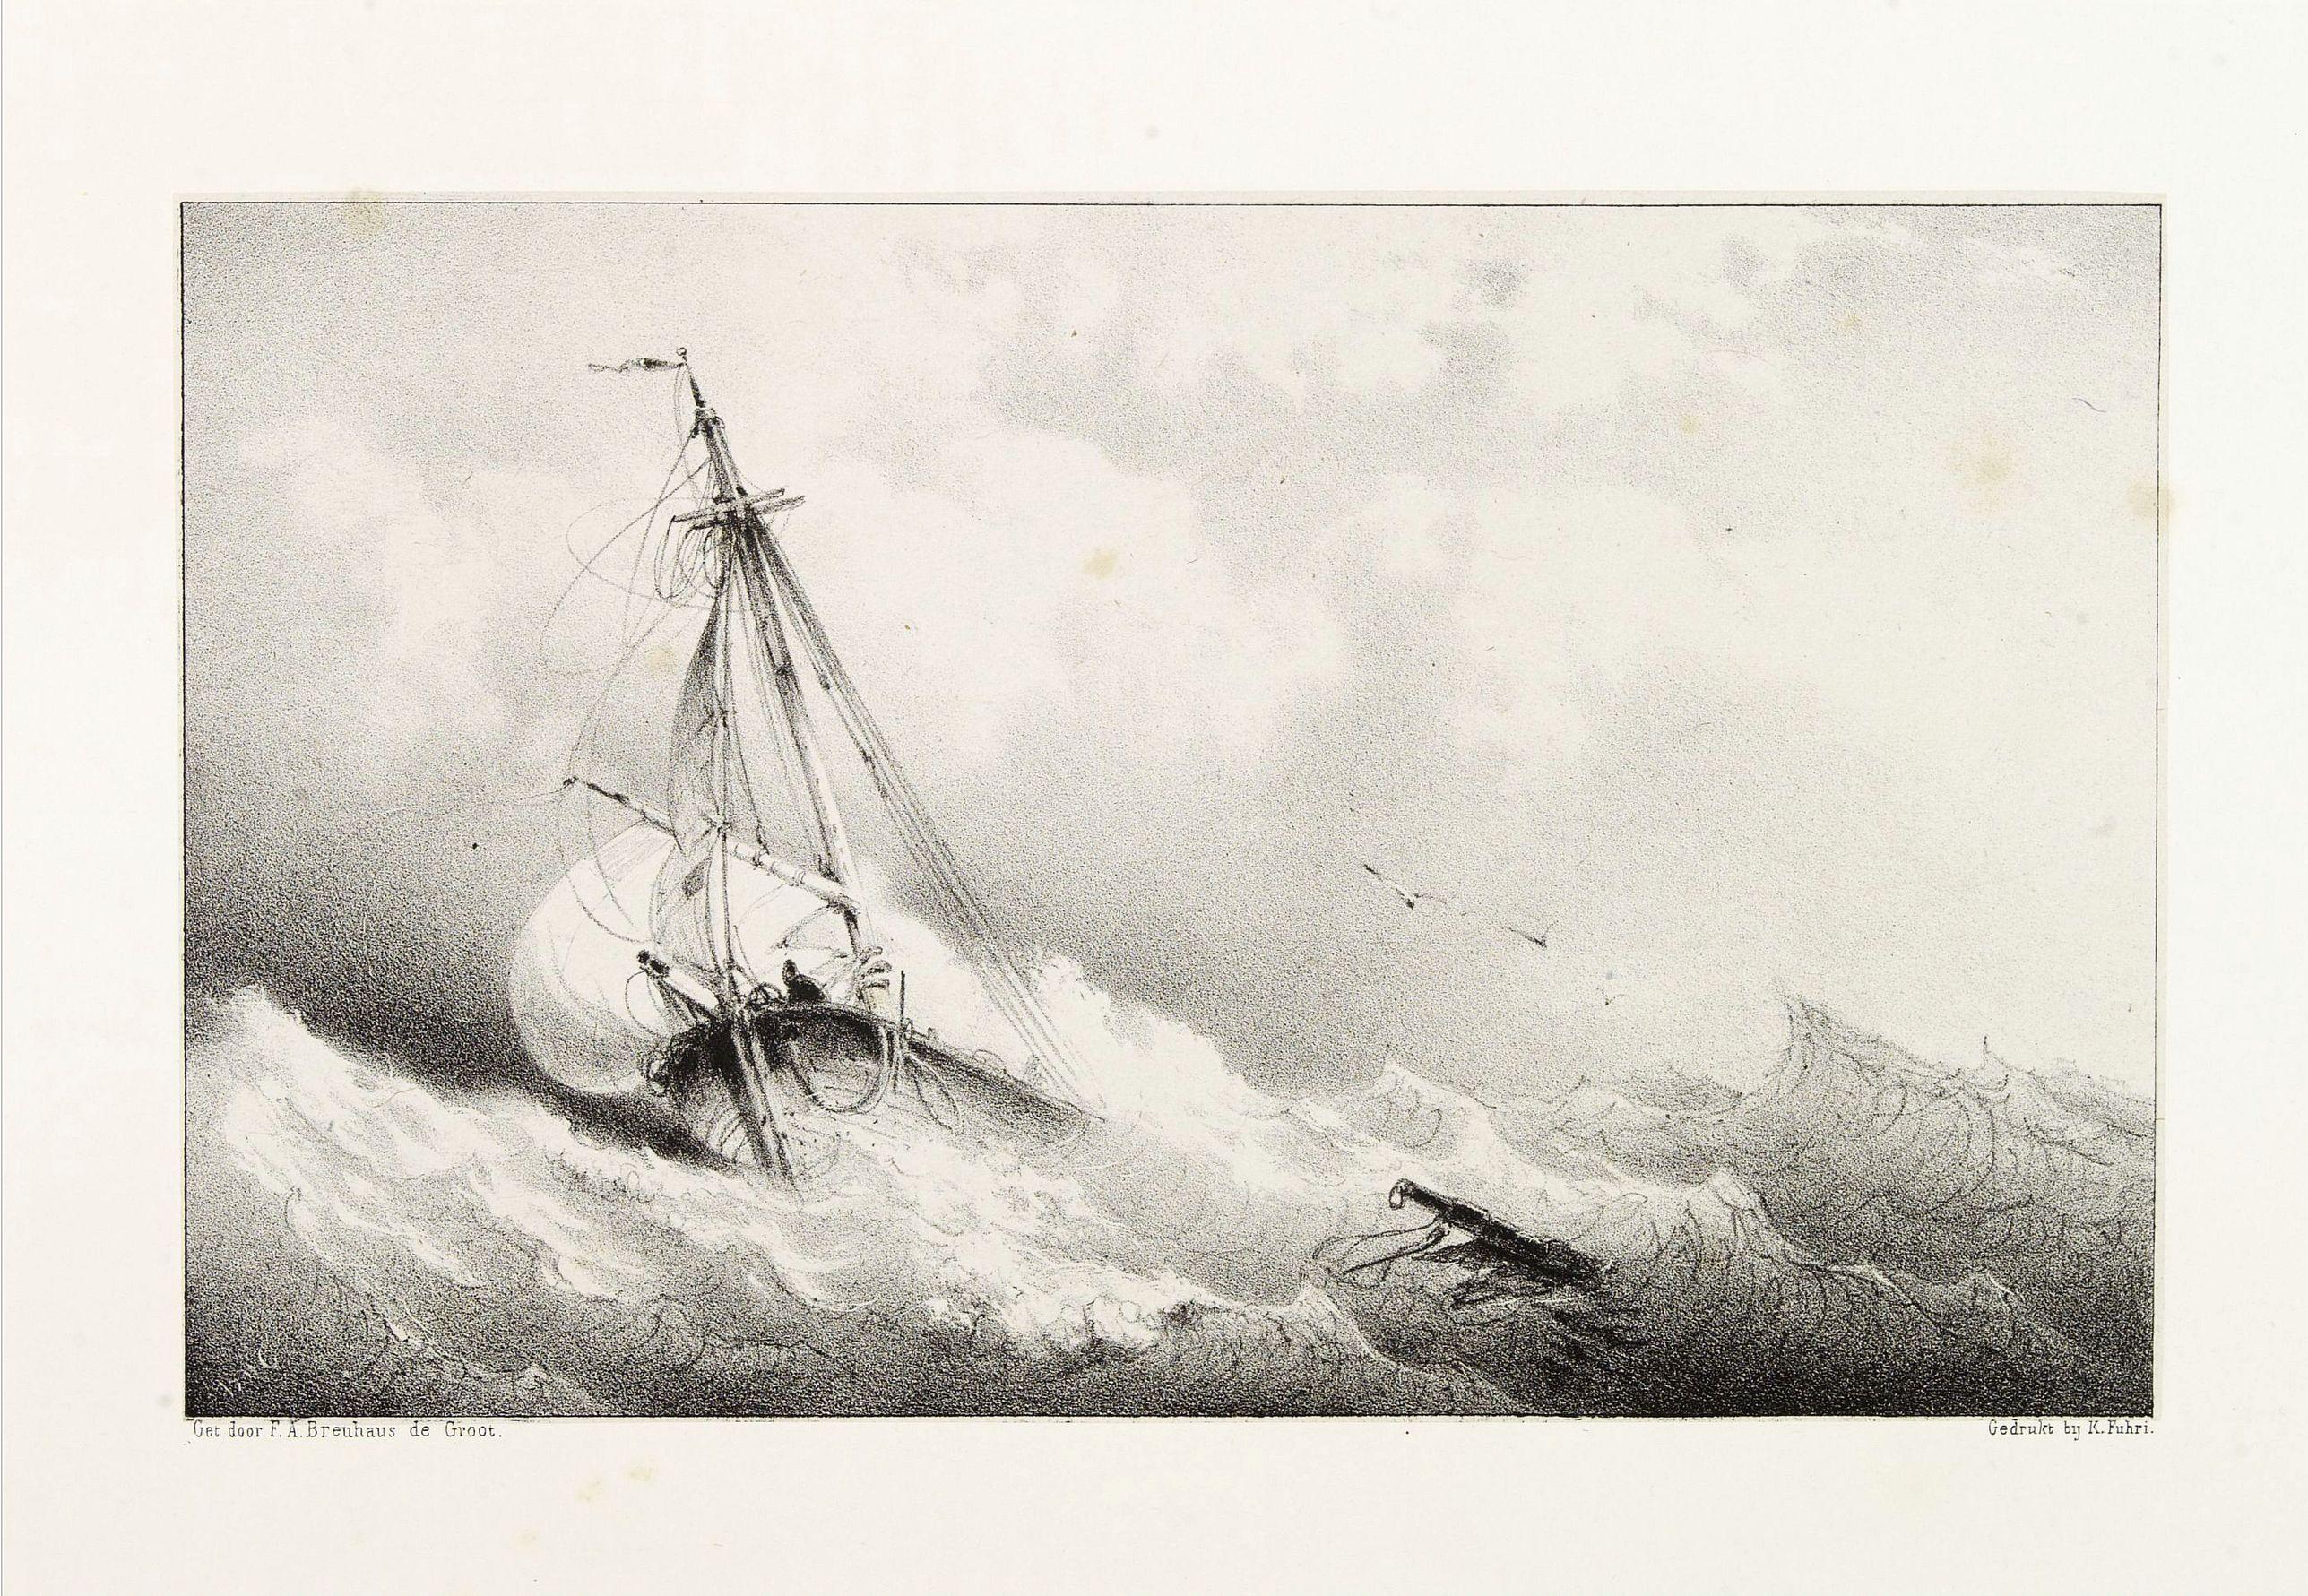 BREUHAUS DE GROOT, F.A. -  Shipping